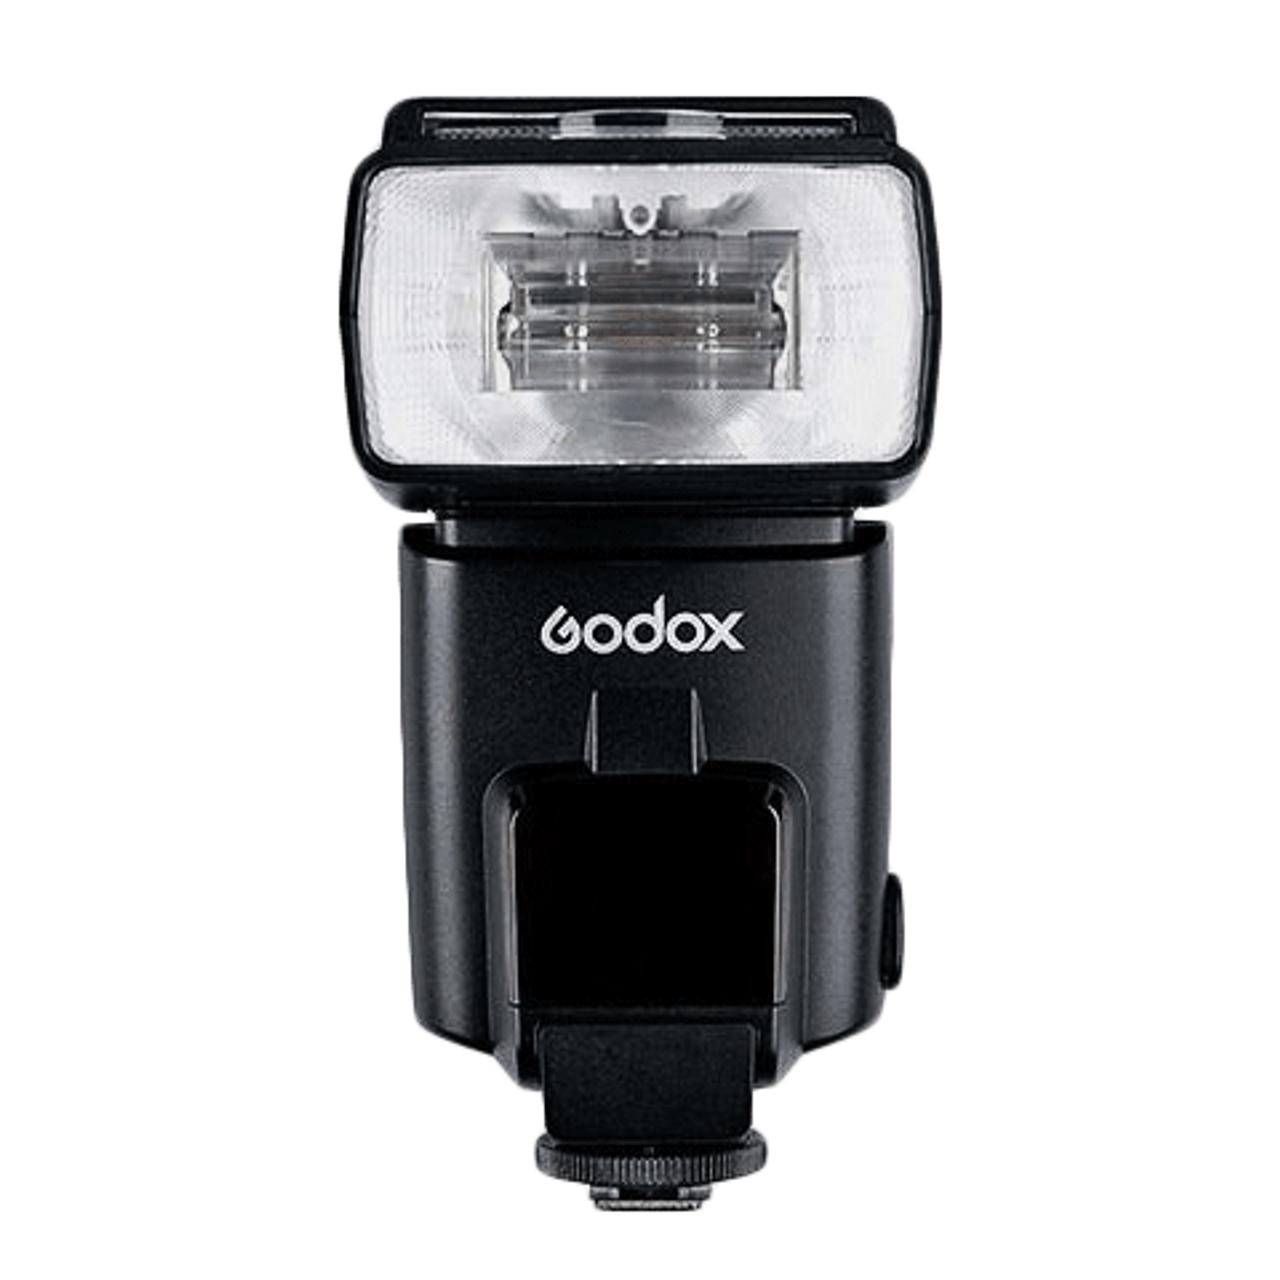 Godox TT680 Flash Unit for Canon (ETTLII)